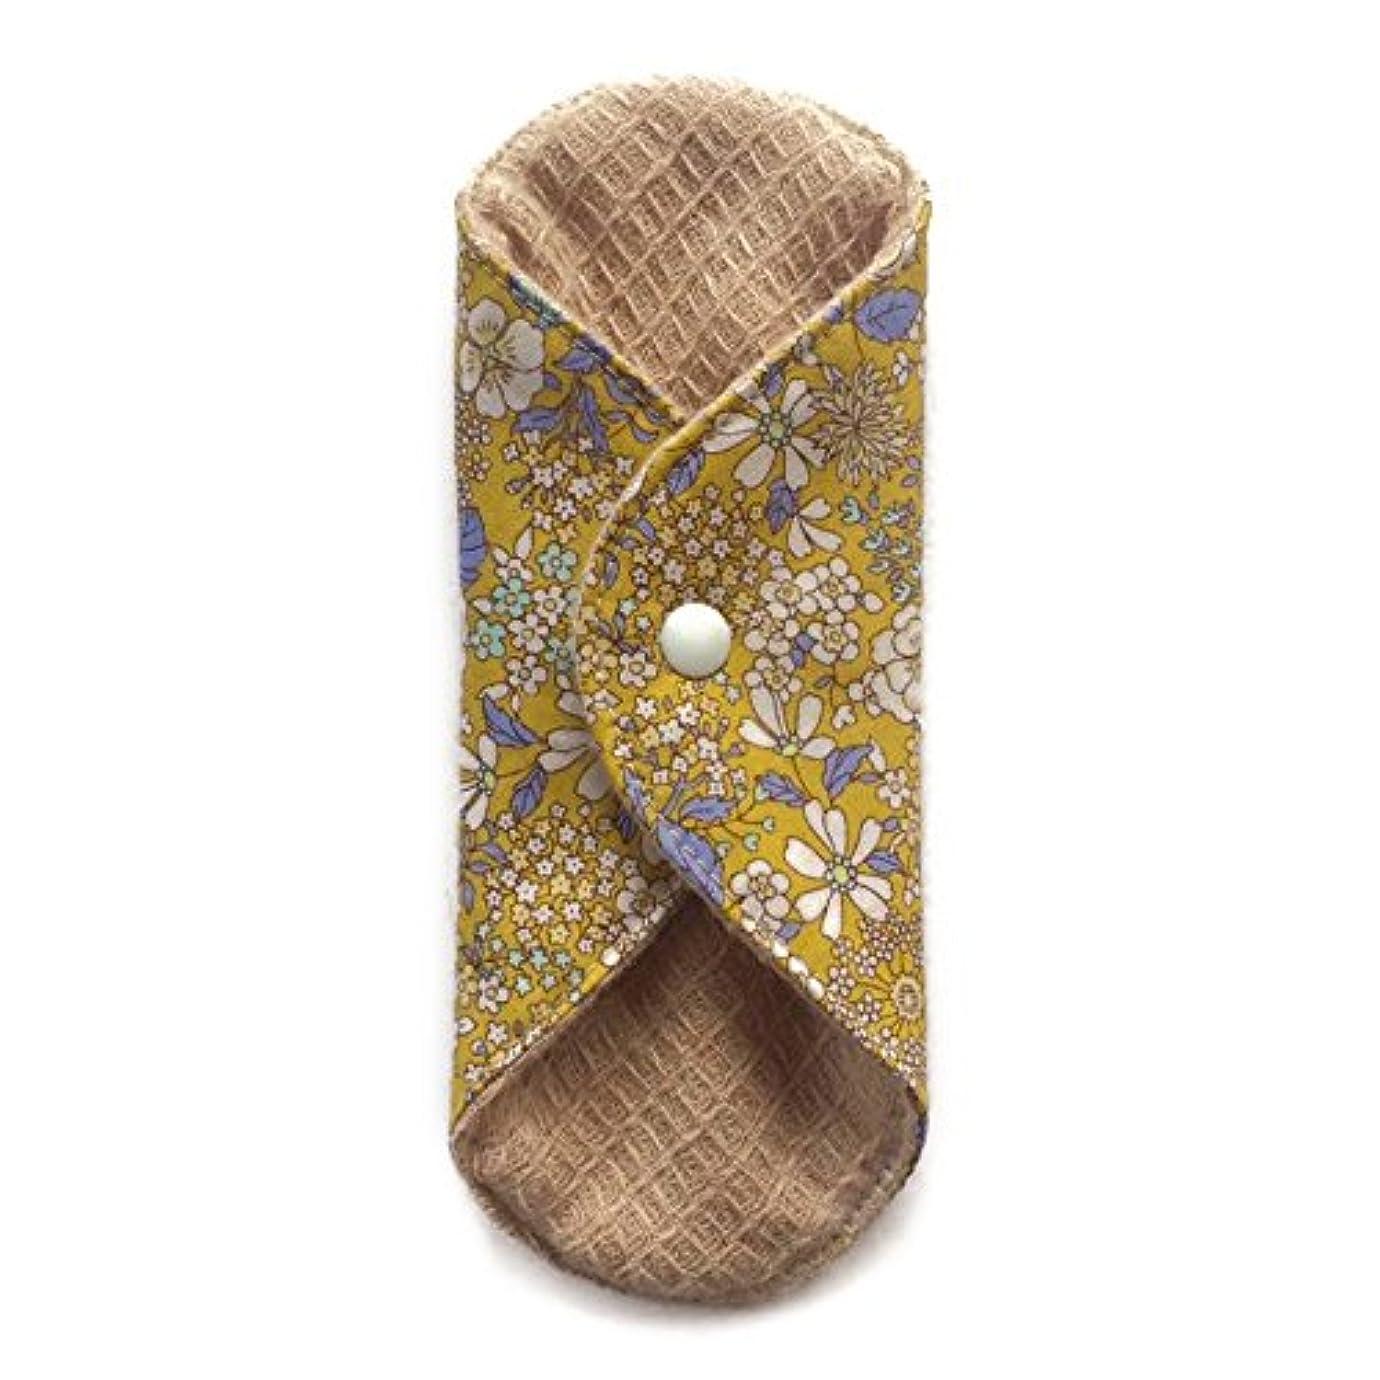 メタルライン刃周り華布のオーガニックコットンの極み あたため布 Sサイズ (約13×約13×約0.6cm) 雅(マスタード)